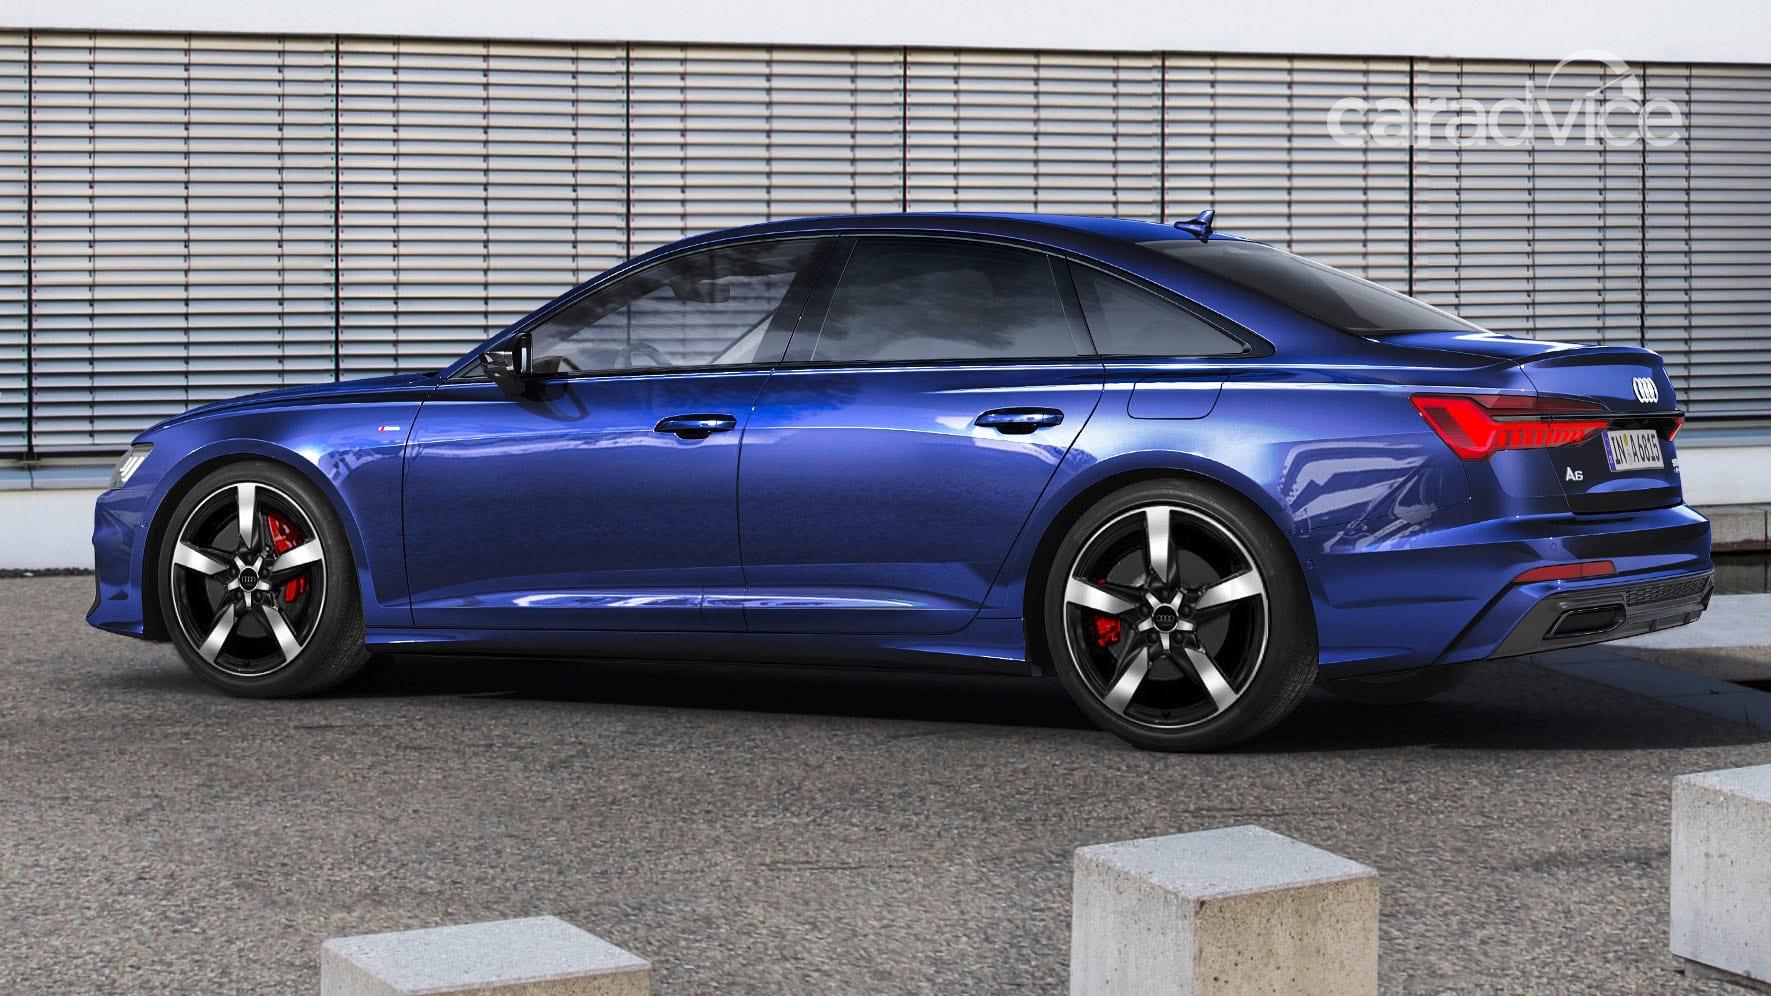 2020 Audi A6 55 TFSI e quattro plug-in hybrid sedan ...